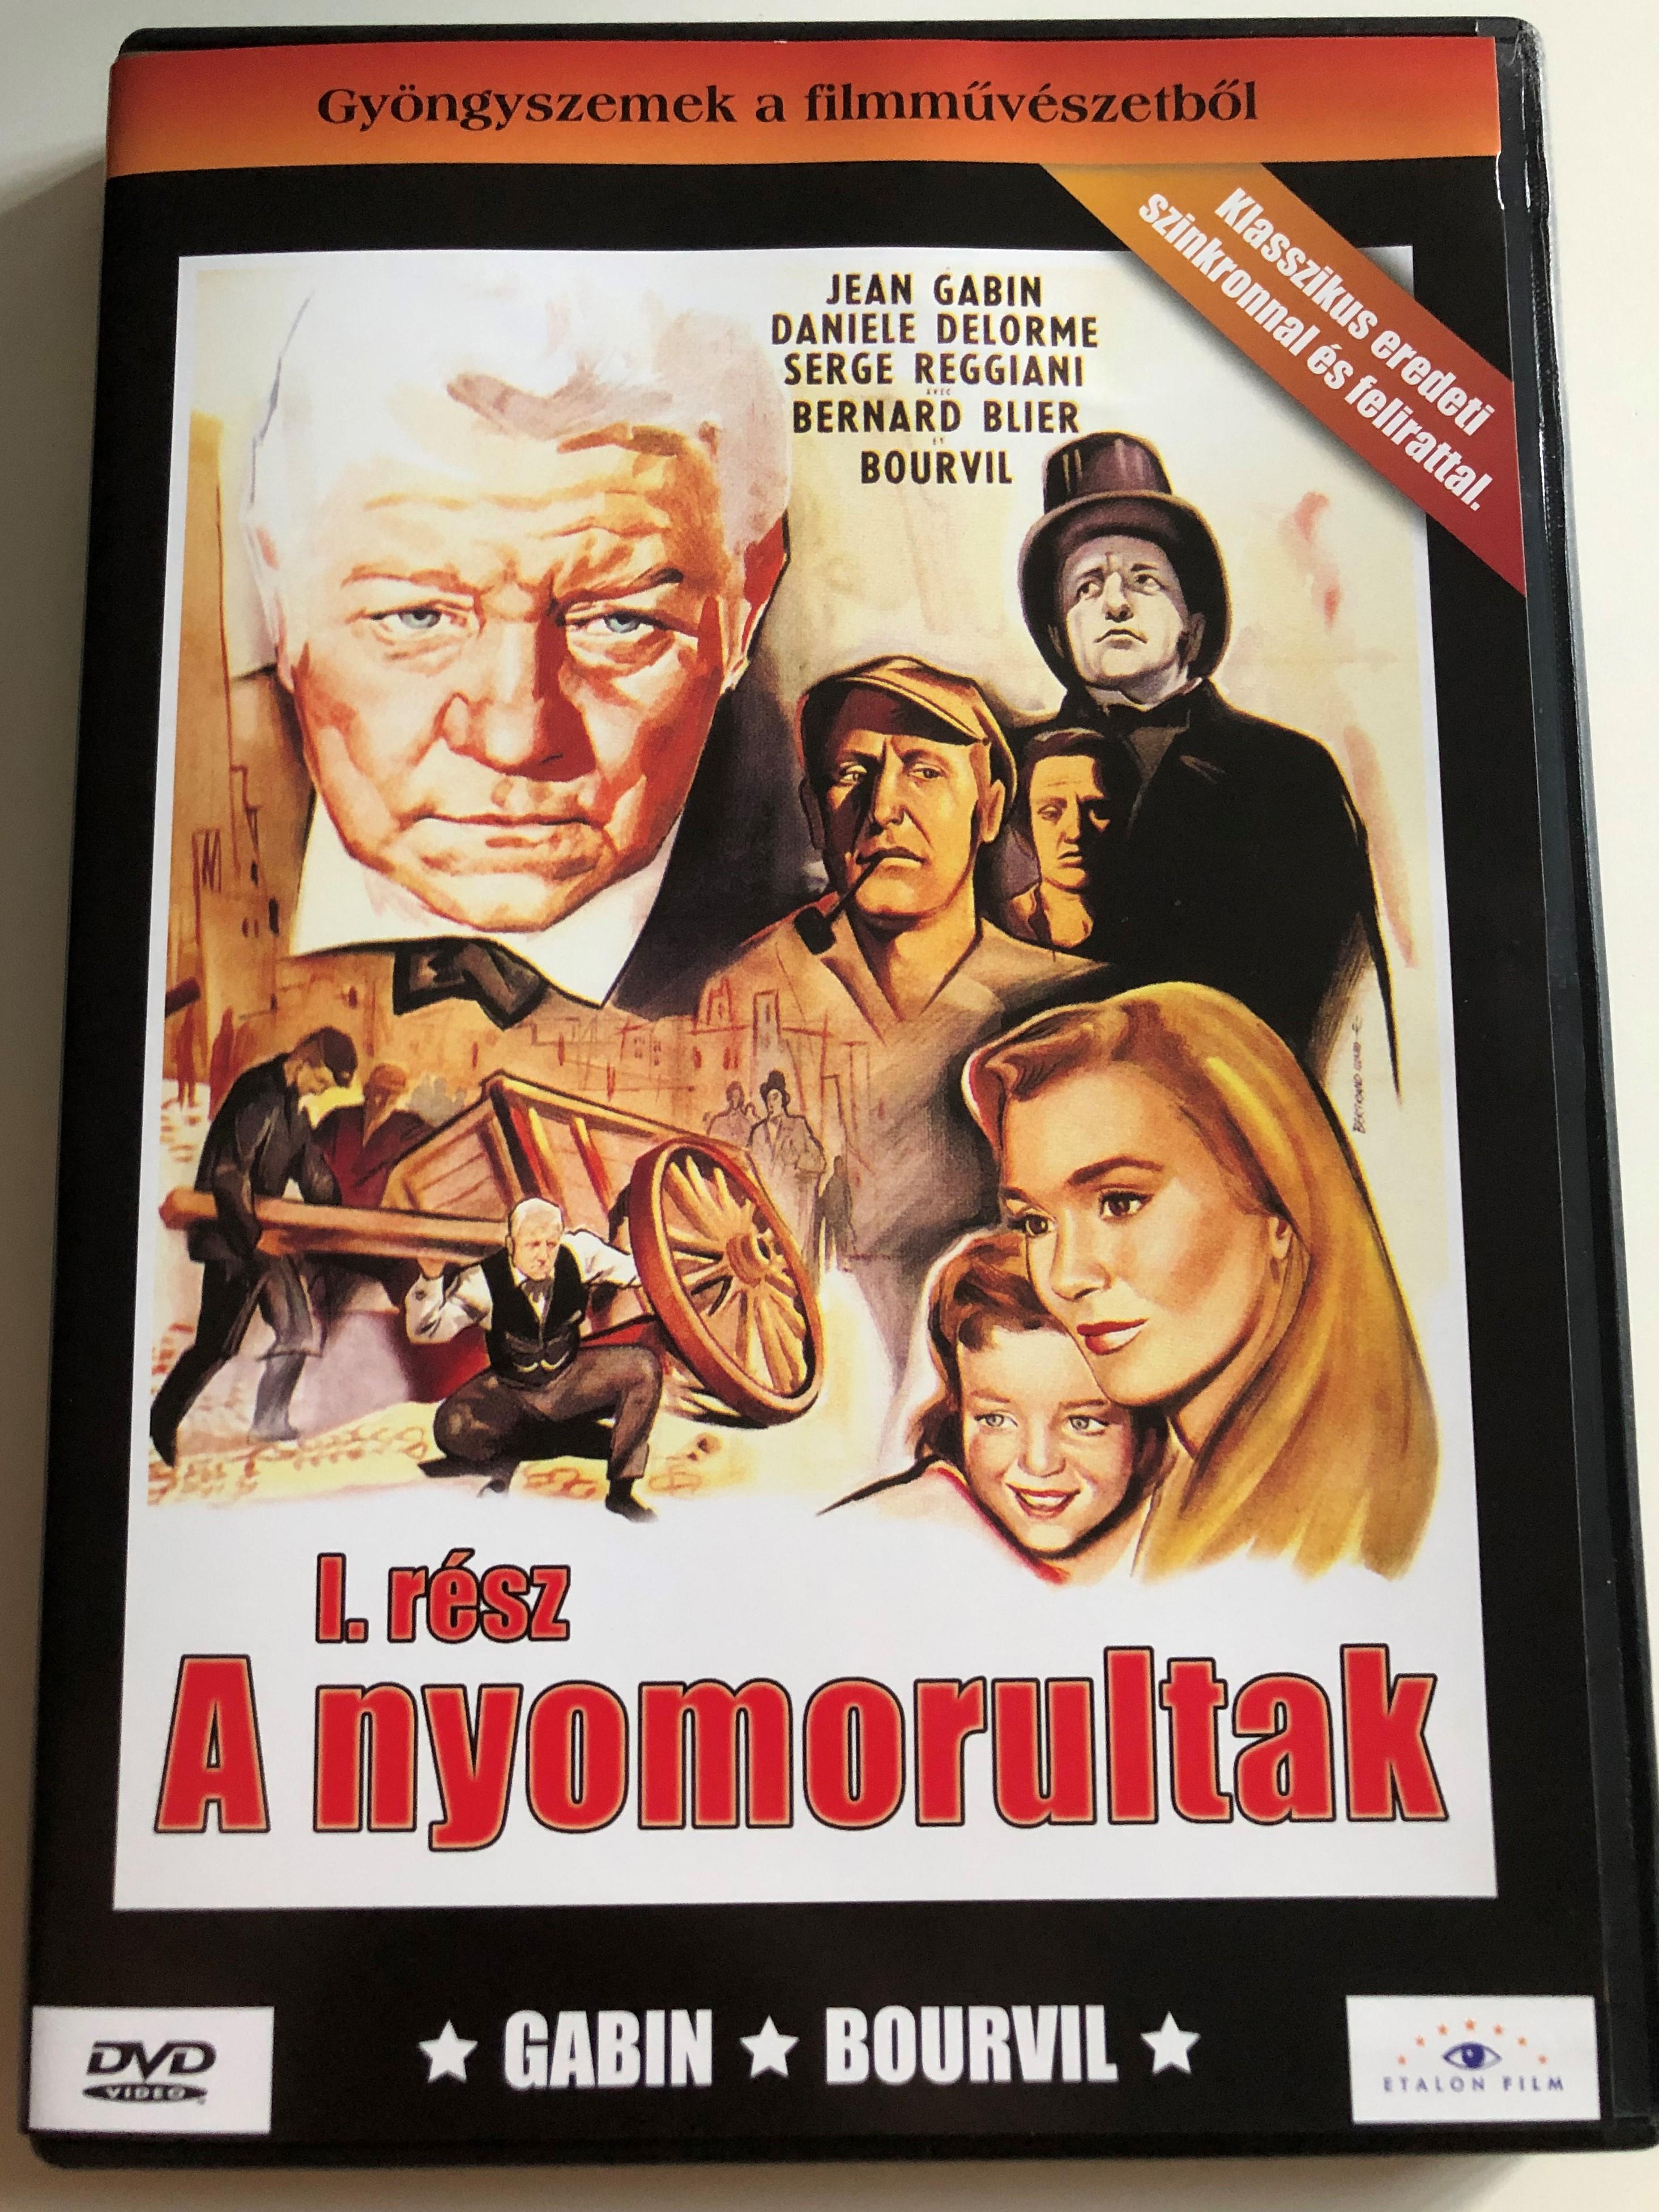 les-miserables-i.-dvd-1958-a-nyomorultak-i.-r-sz-directed-by-jean-paul-le-chanois-starring-jean-gabin-bernart-blier-bourvil-gy-ngyszemek-a-filmm-v-szetb-l-1-.jpg